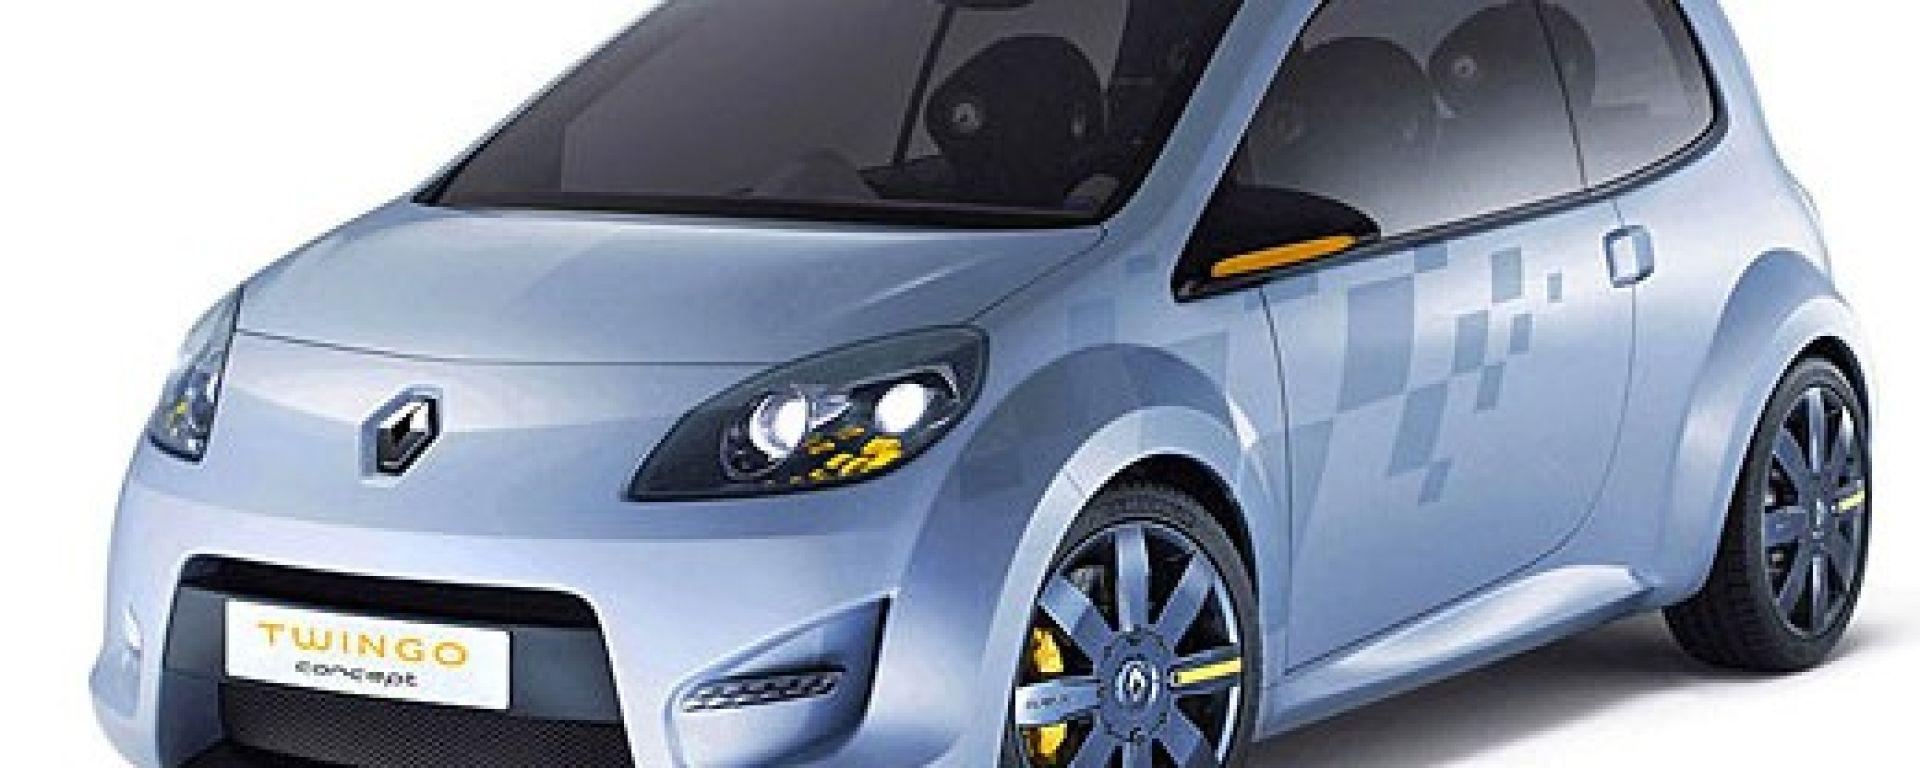 Nuova Renault Twingo Concept